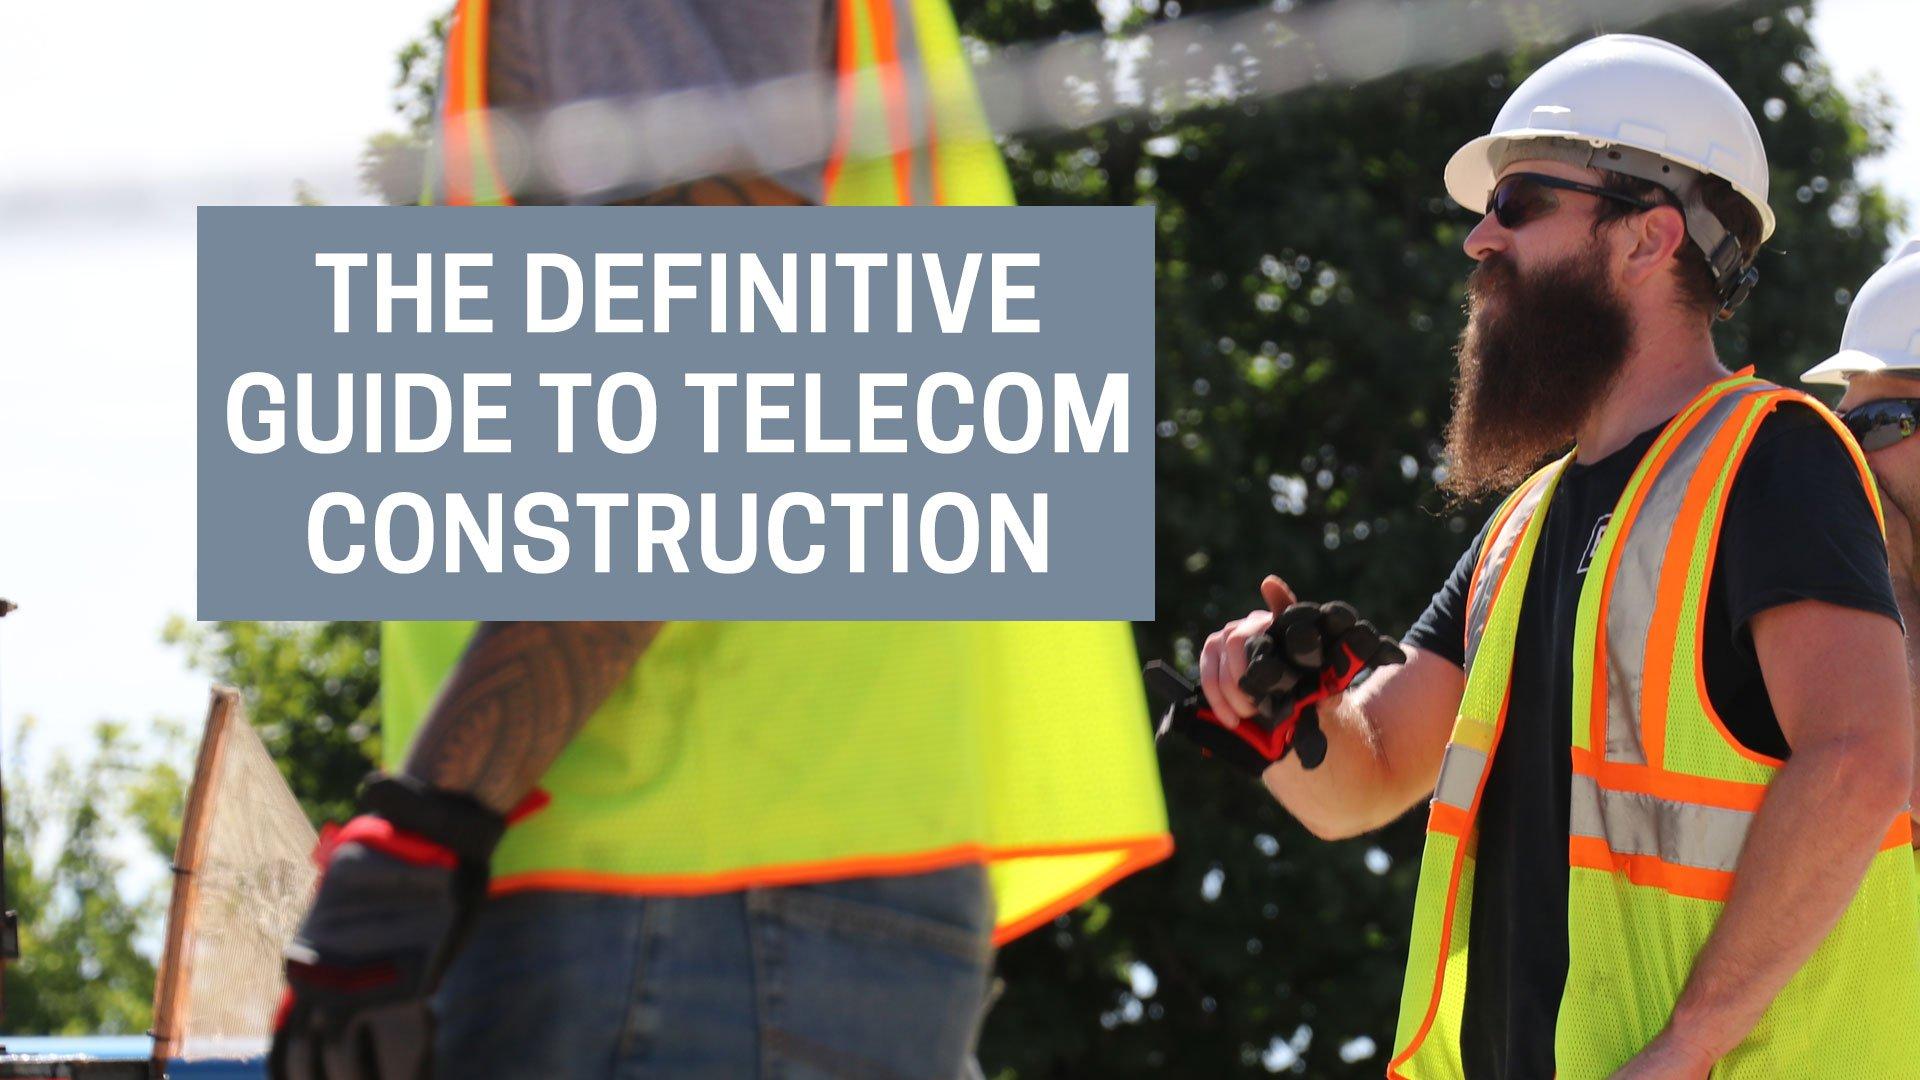 new-definitive-guide-telecom-construction